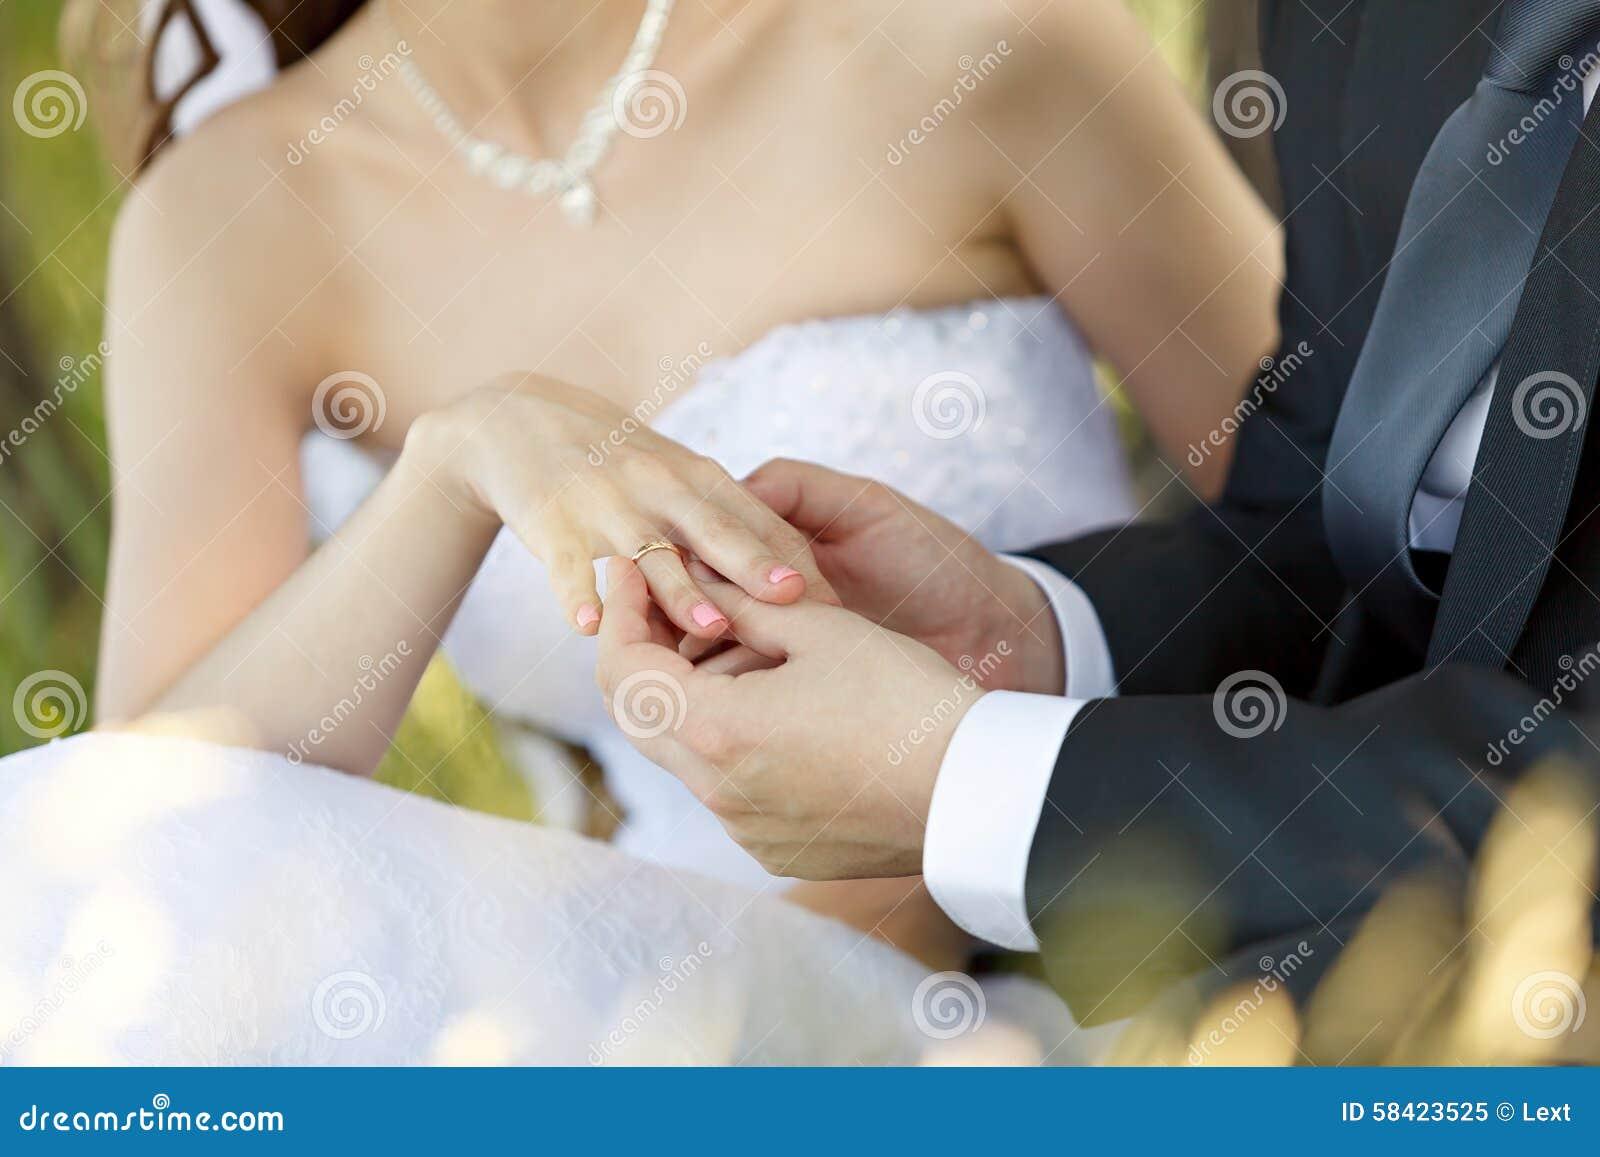 Bij het huwelijk, zet de bruidegom de ring op de vinger van de bruid